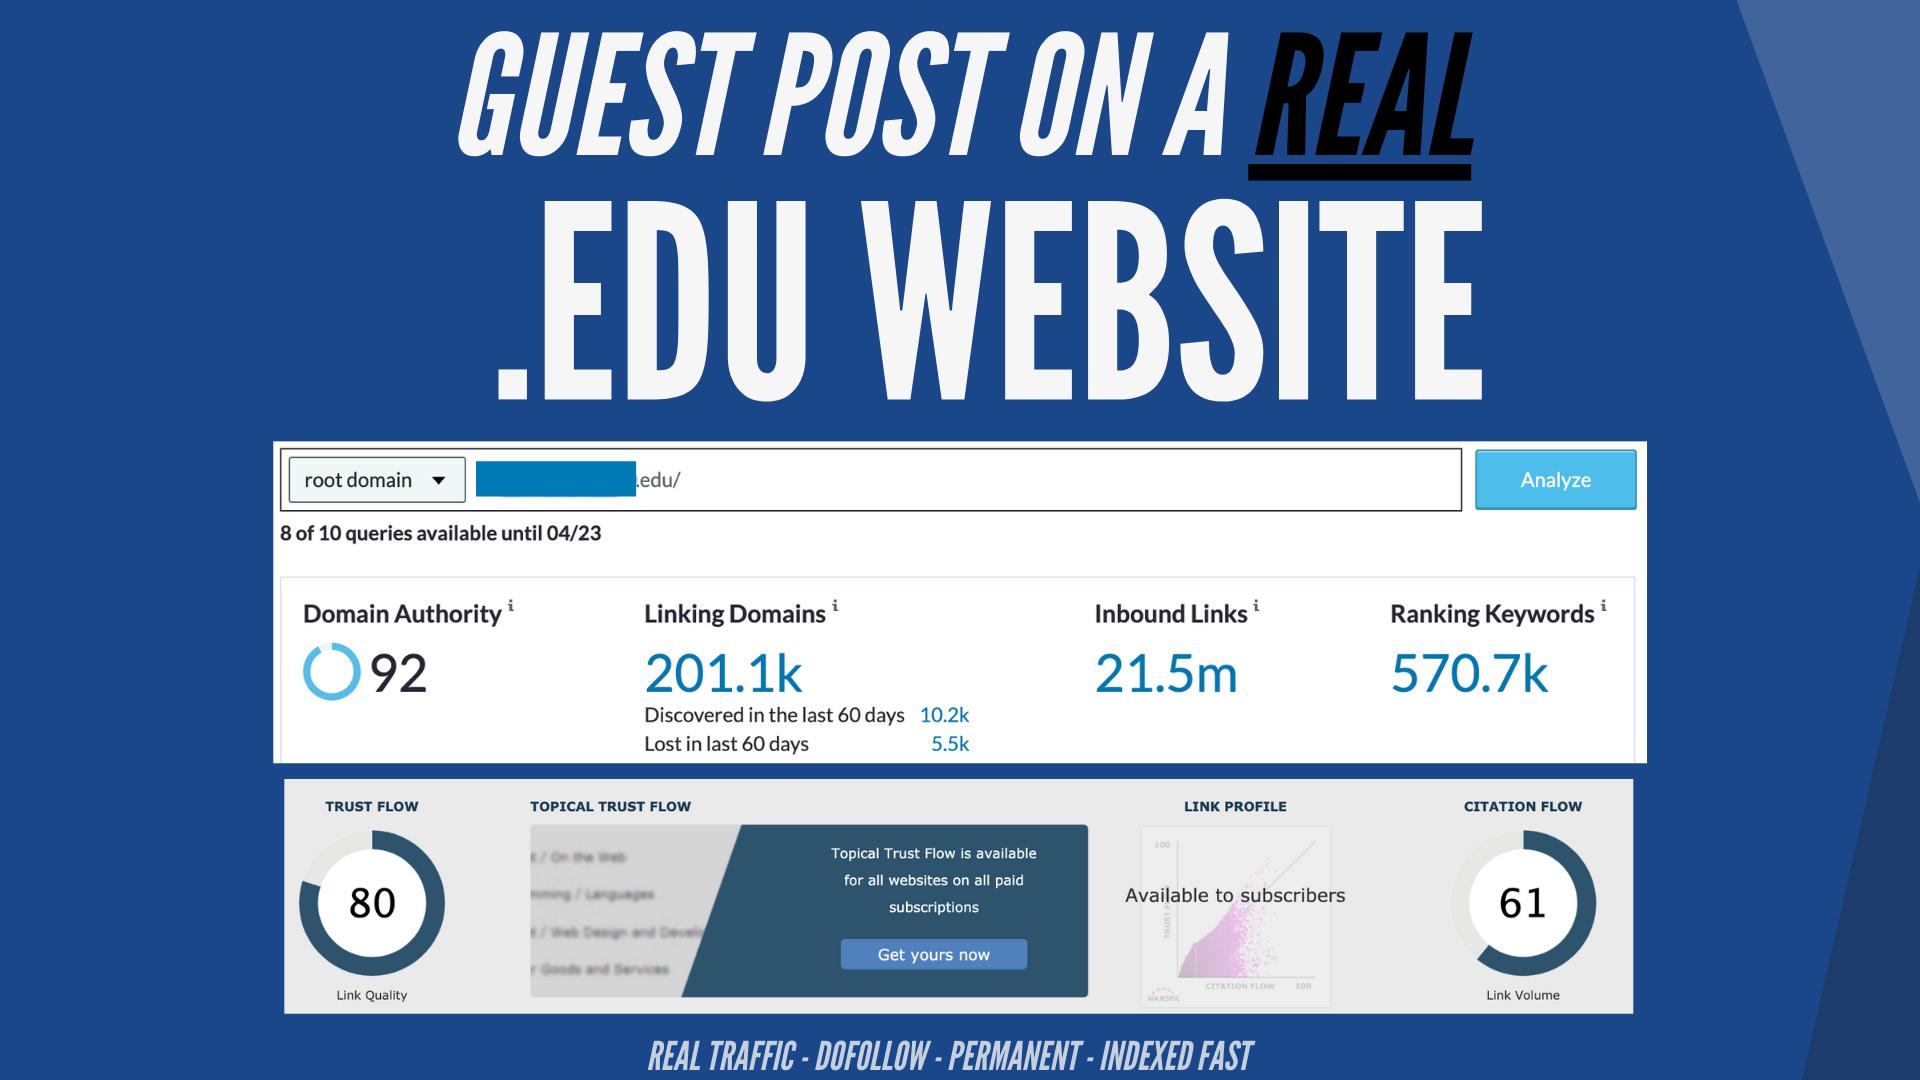 20 EDU Guest Post Sites Available